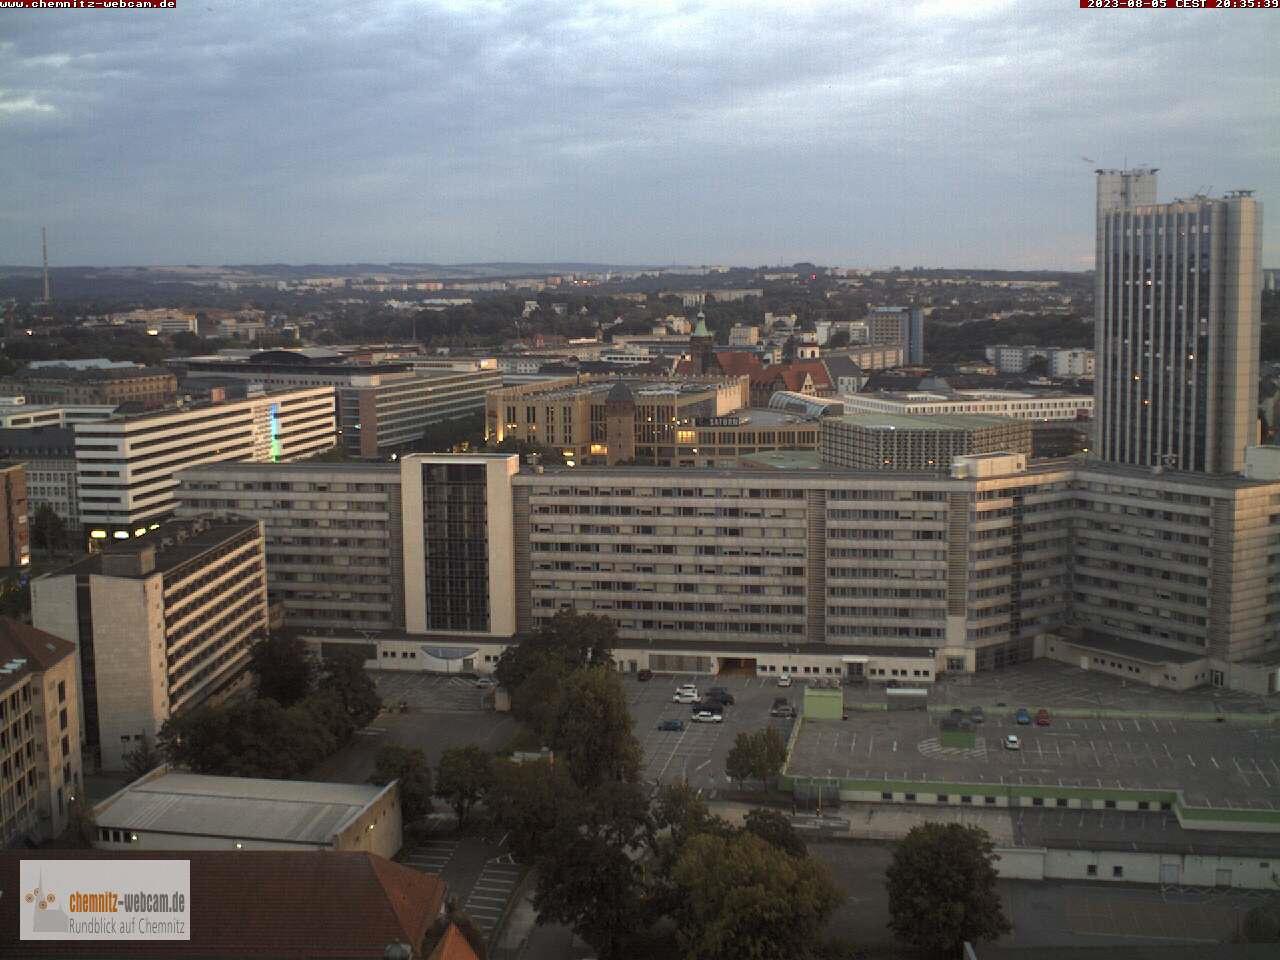 Chemnitz Sat. 21:45